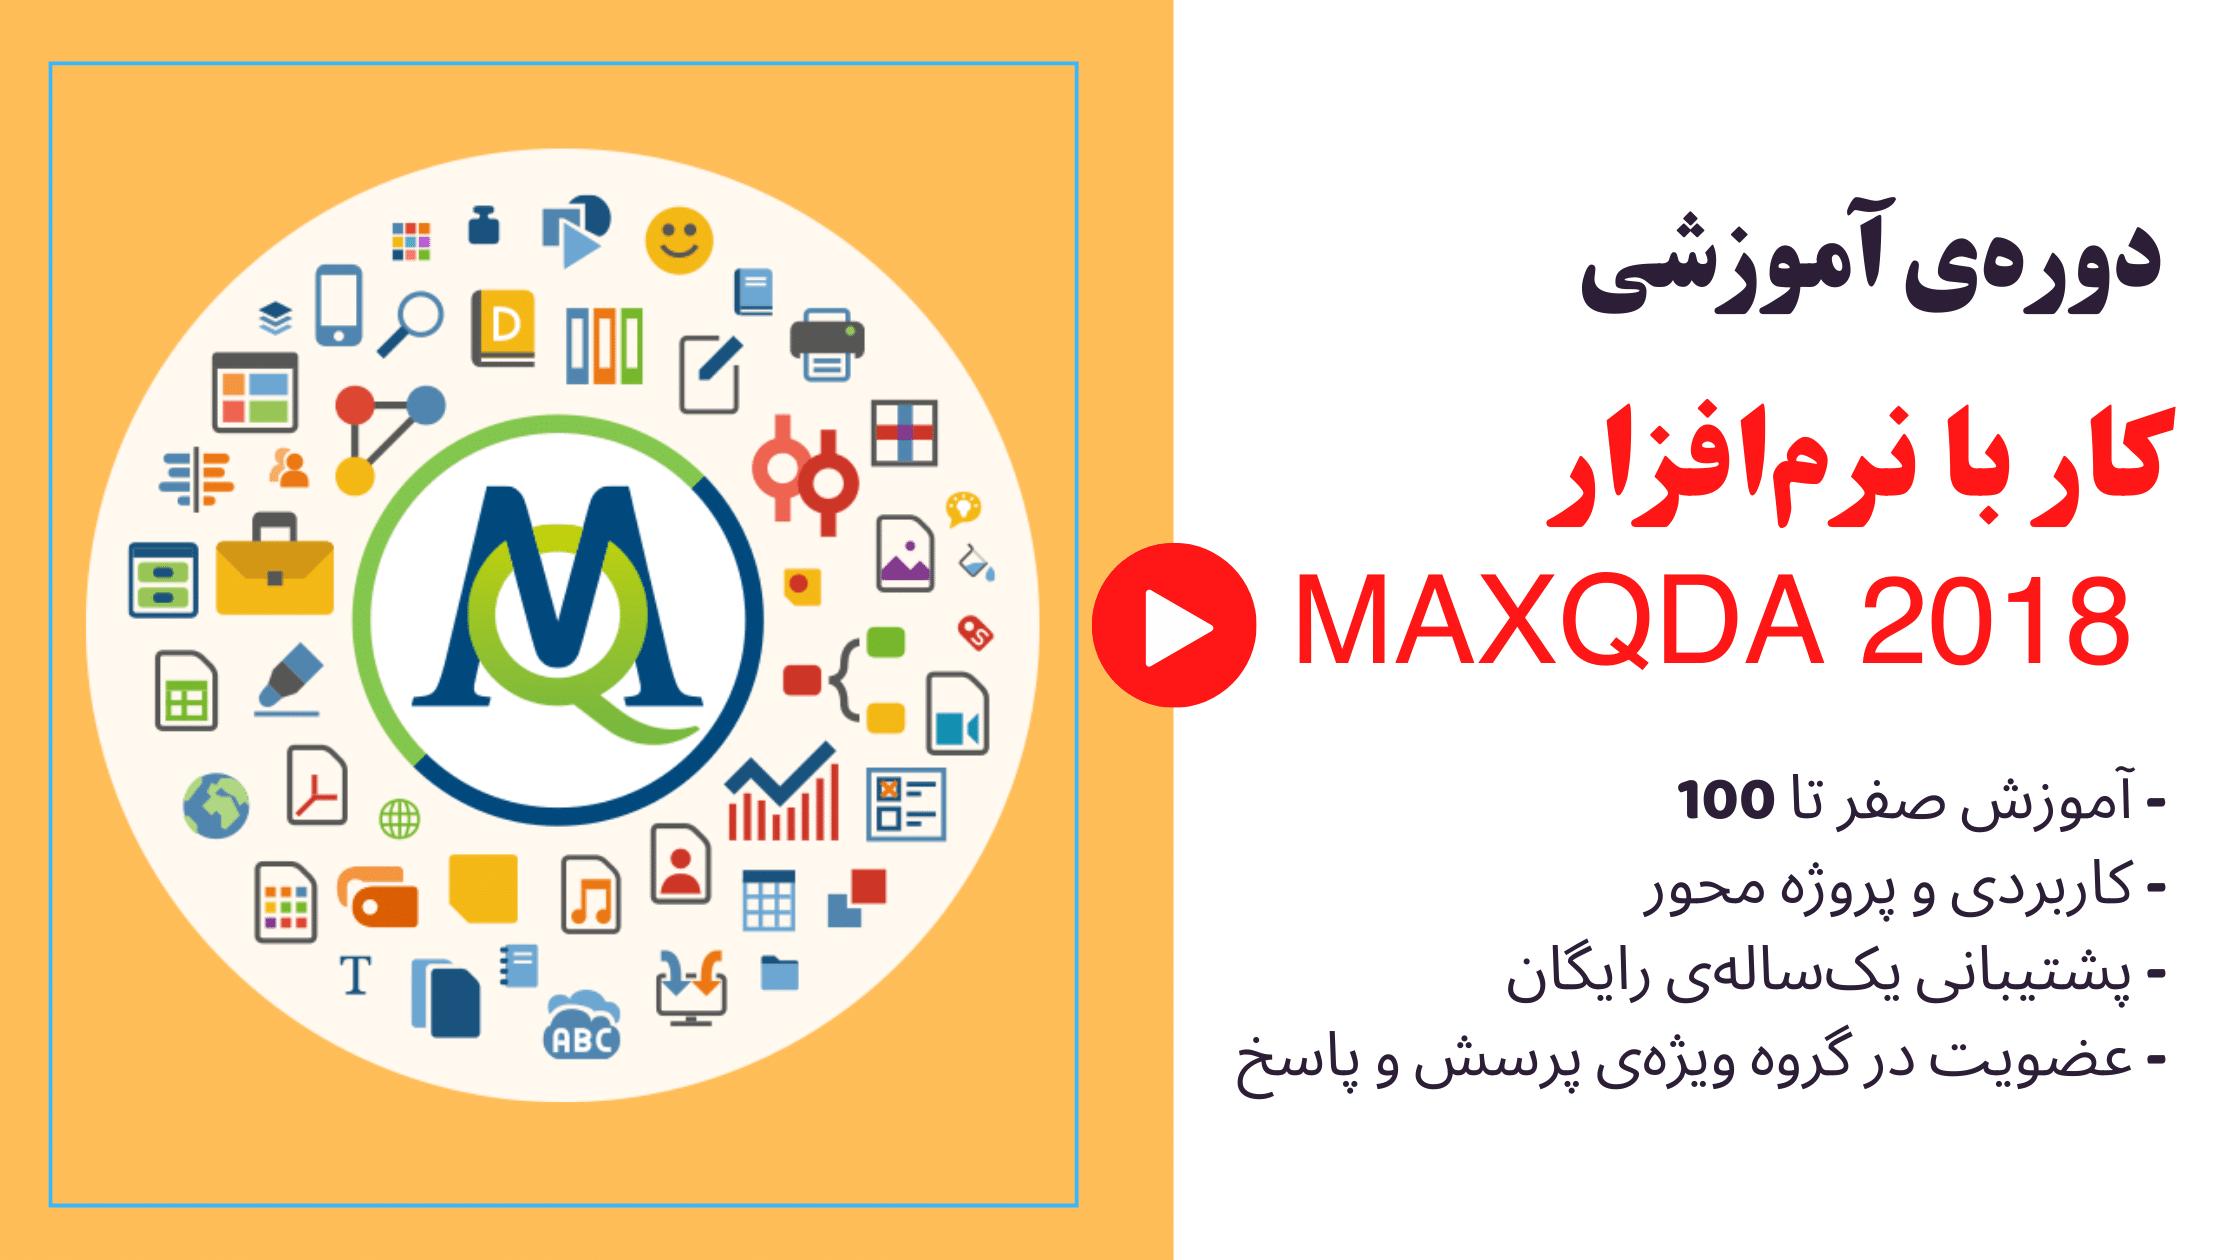 آموزش کار با نرم افزار maxqda 2018